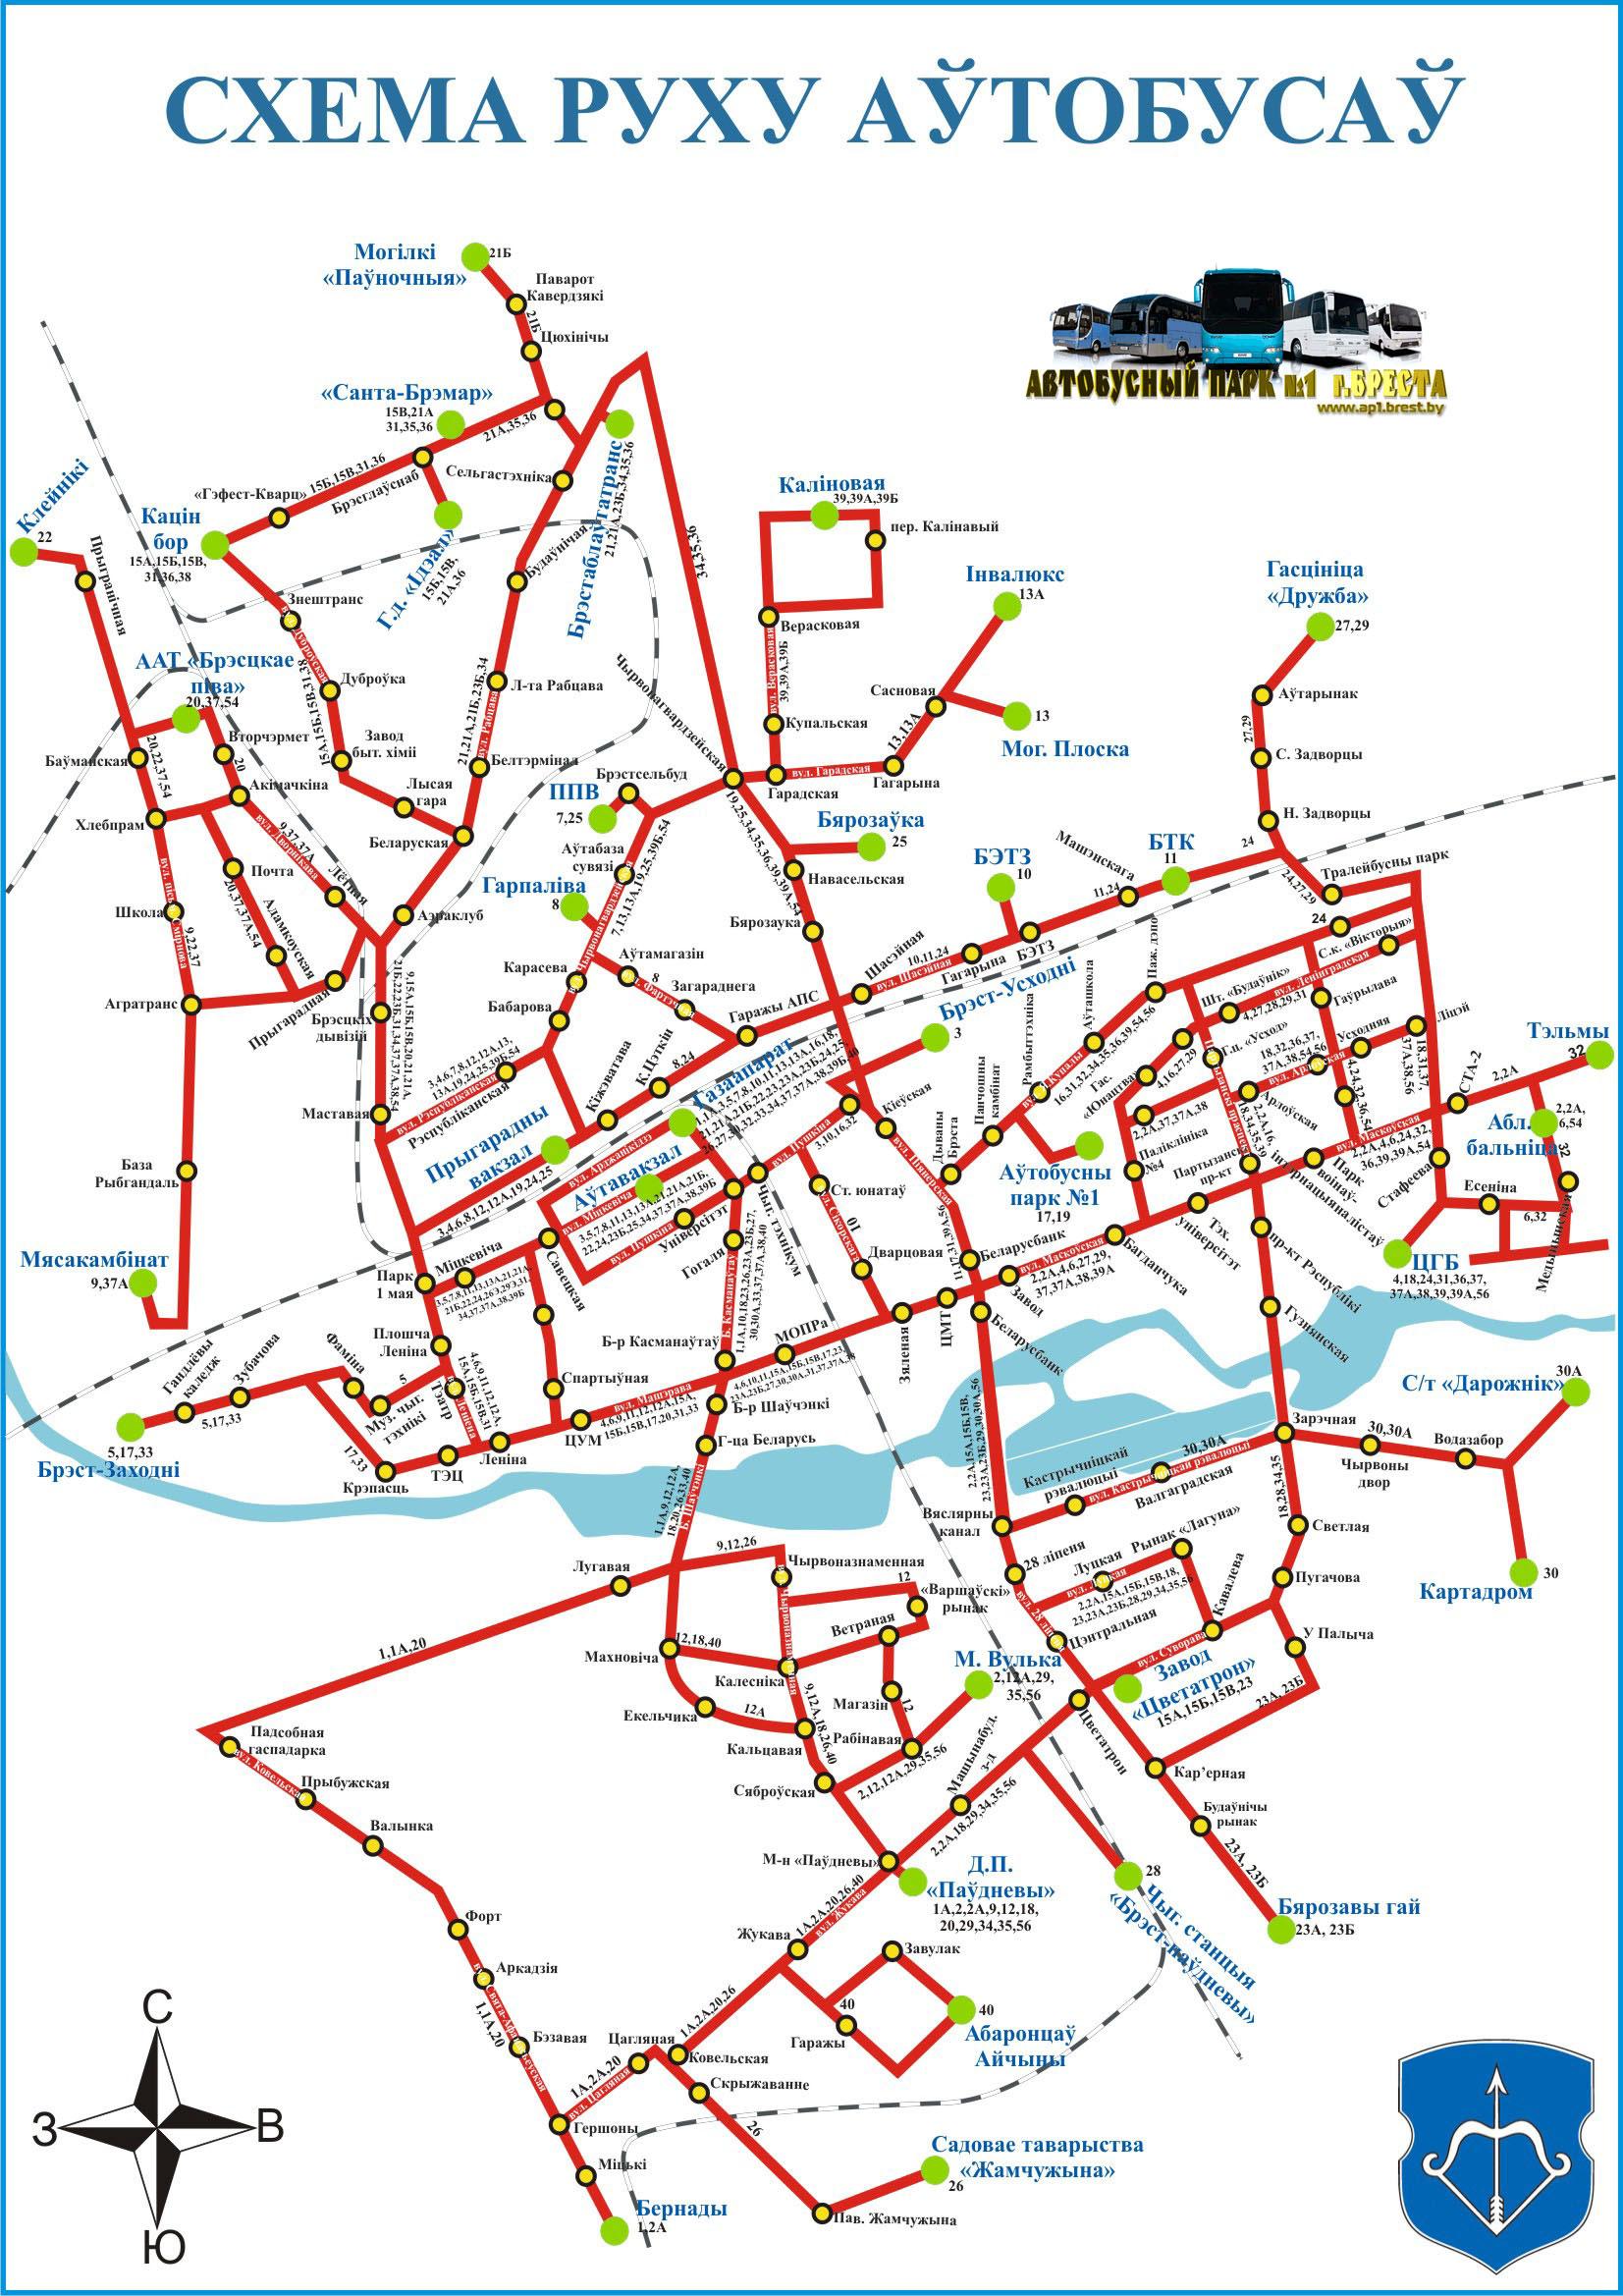 Маршрут 80 маршрутки.  Расписание движения автобусов городских маршрутов в могилеве по основным остановкам.